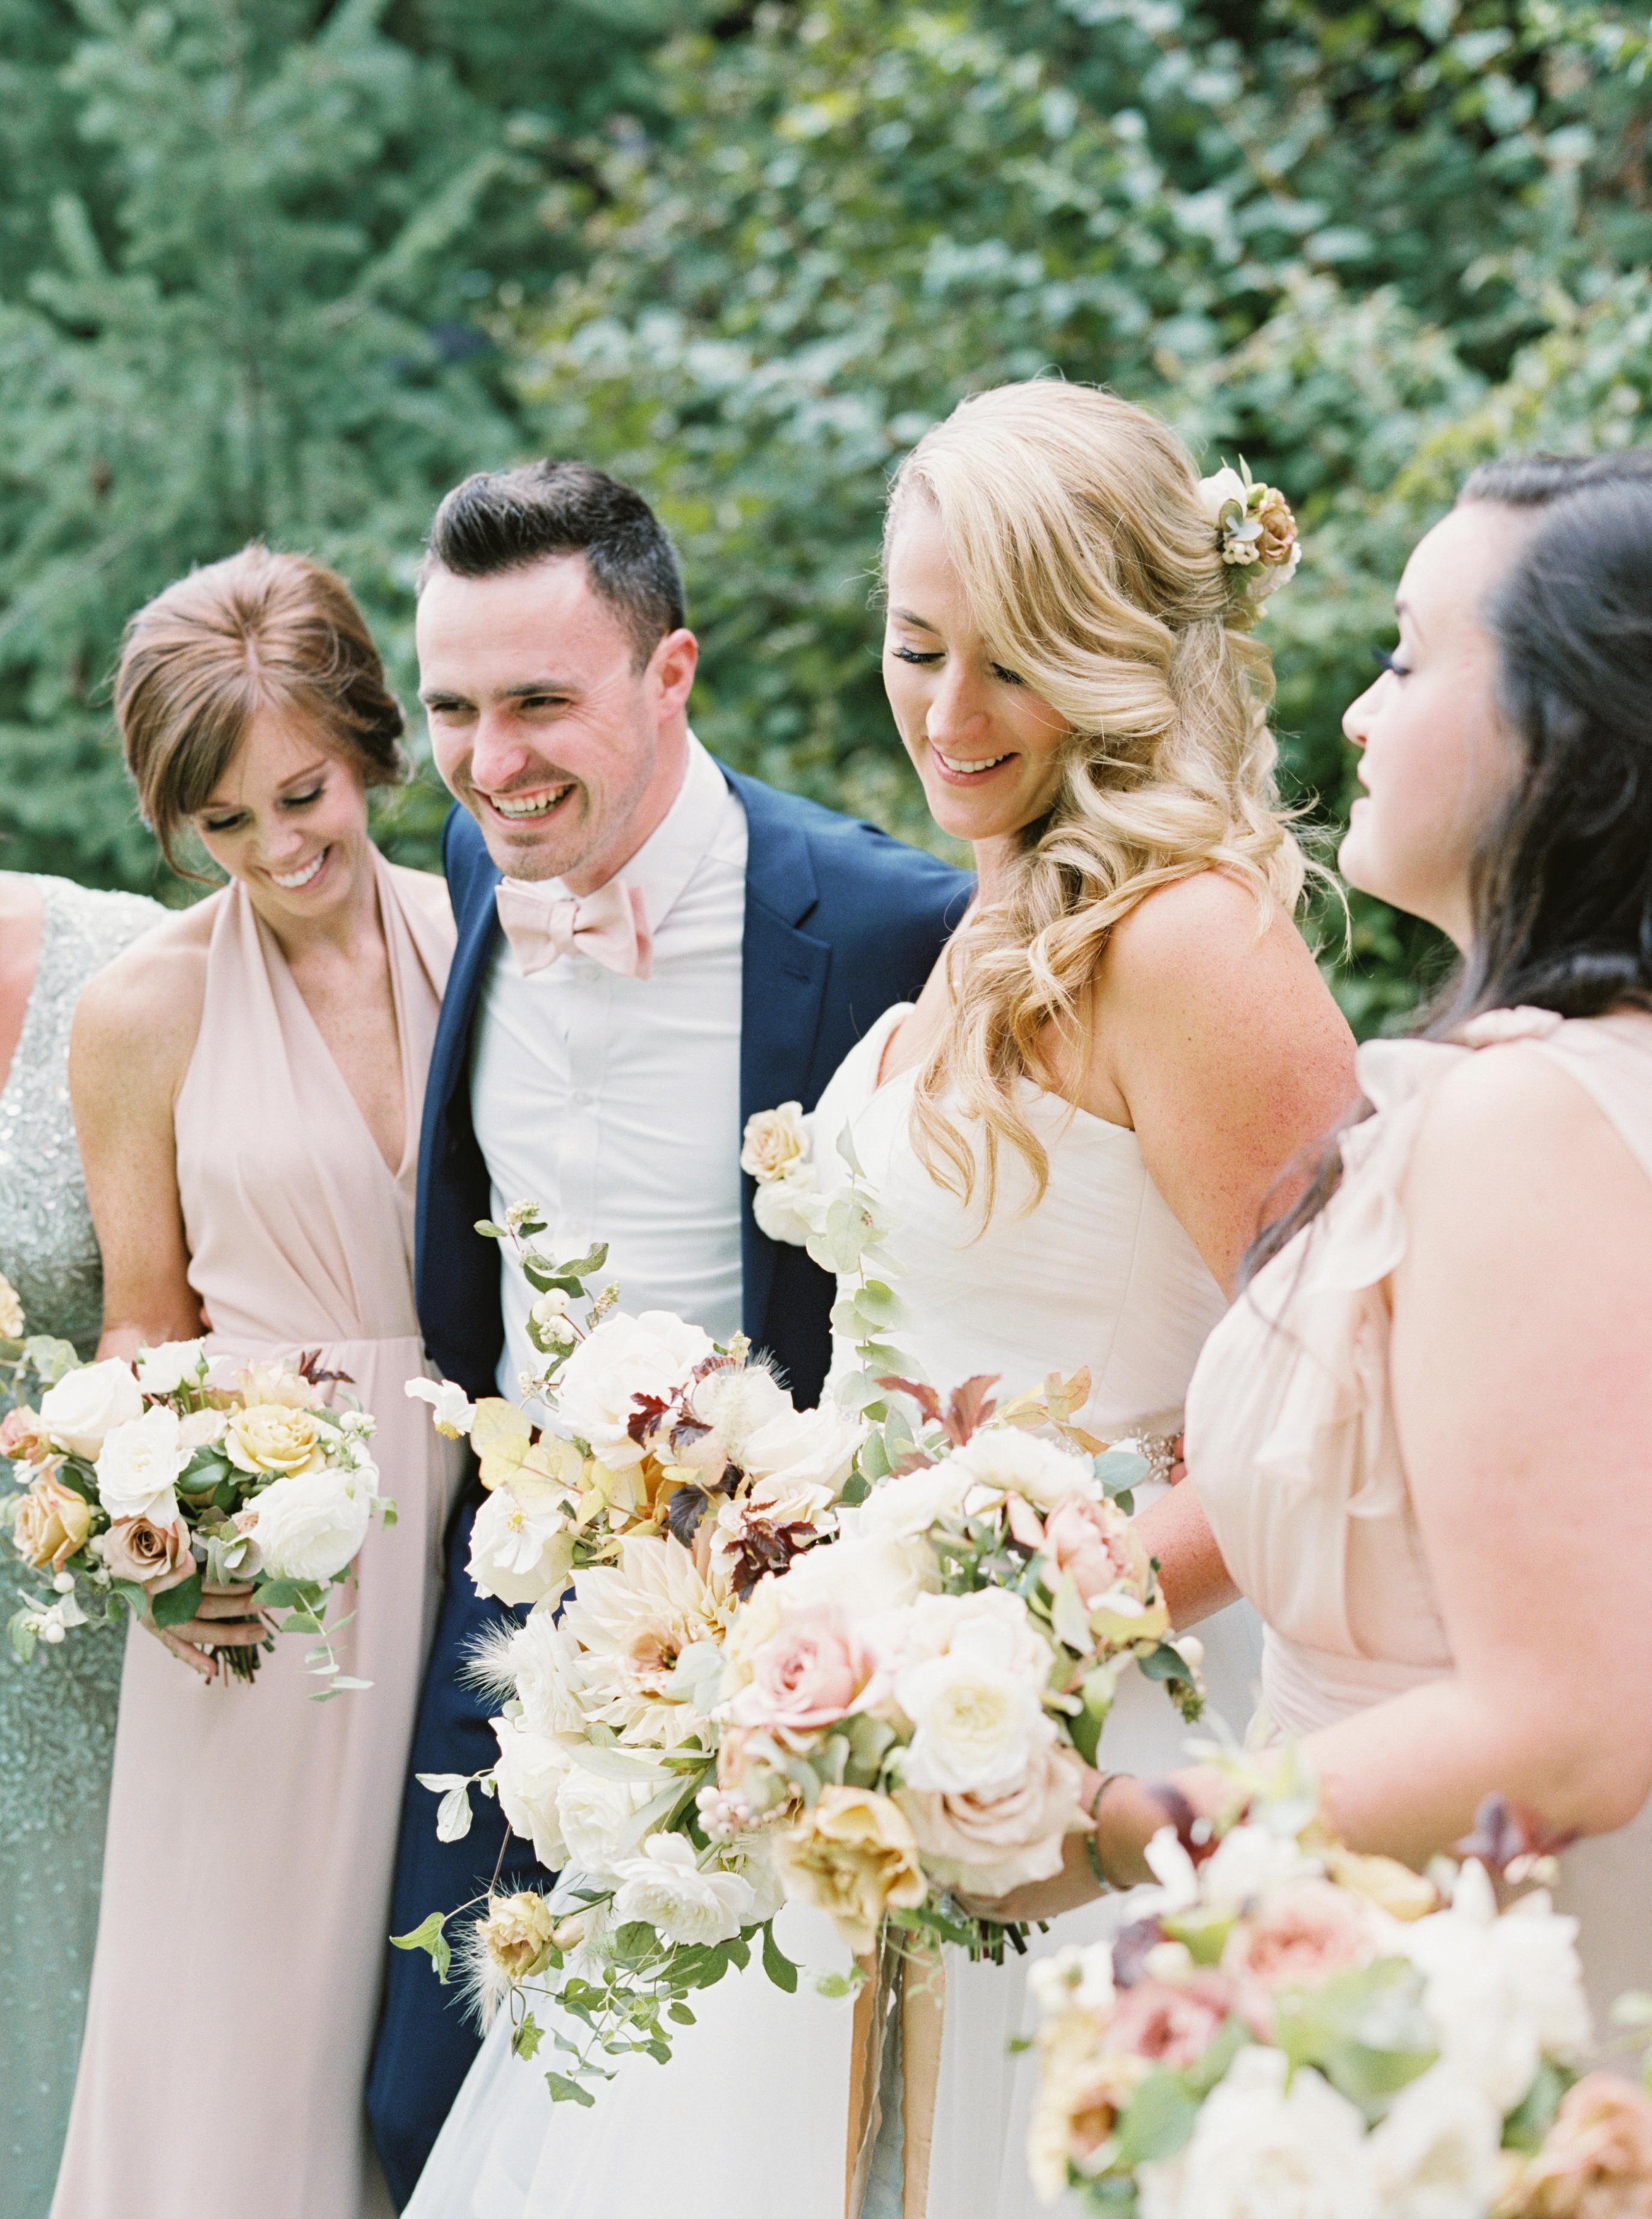 Bridal party blush bridesmaids